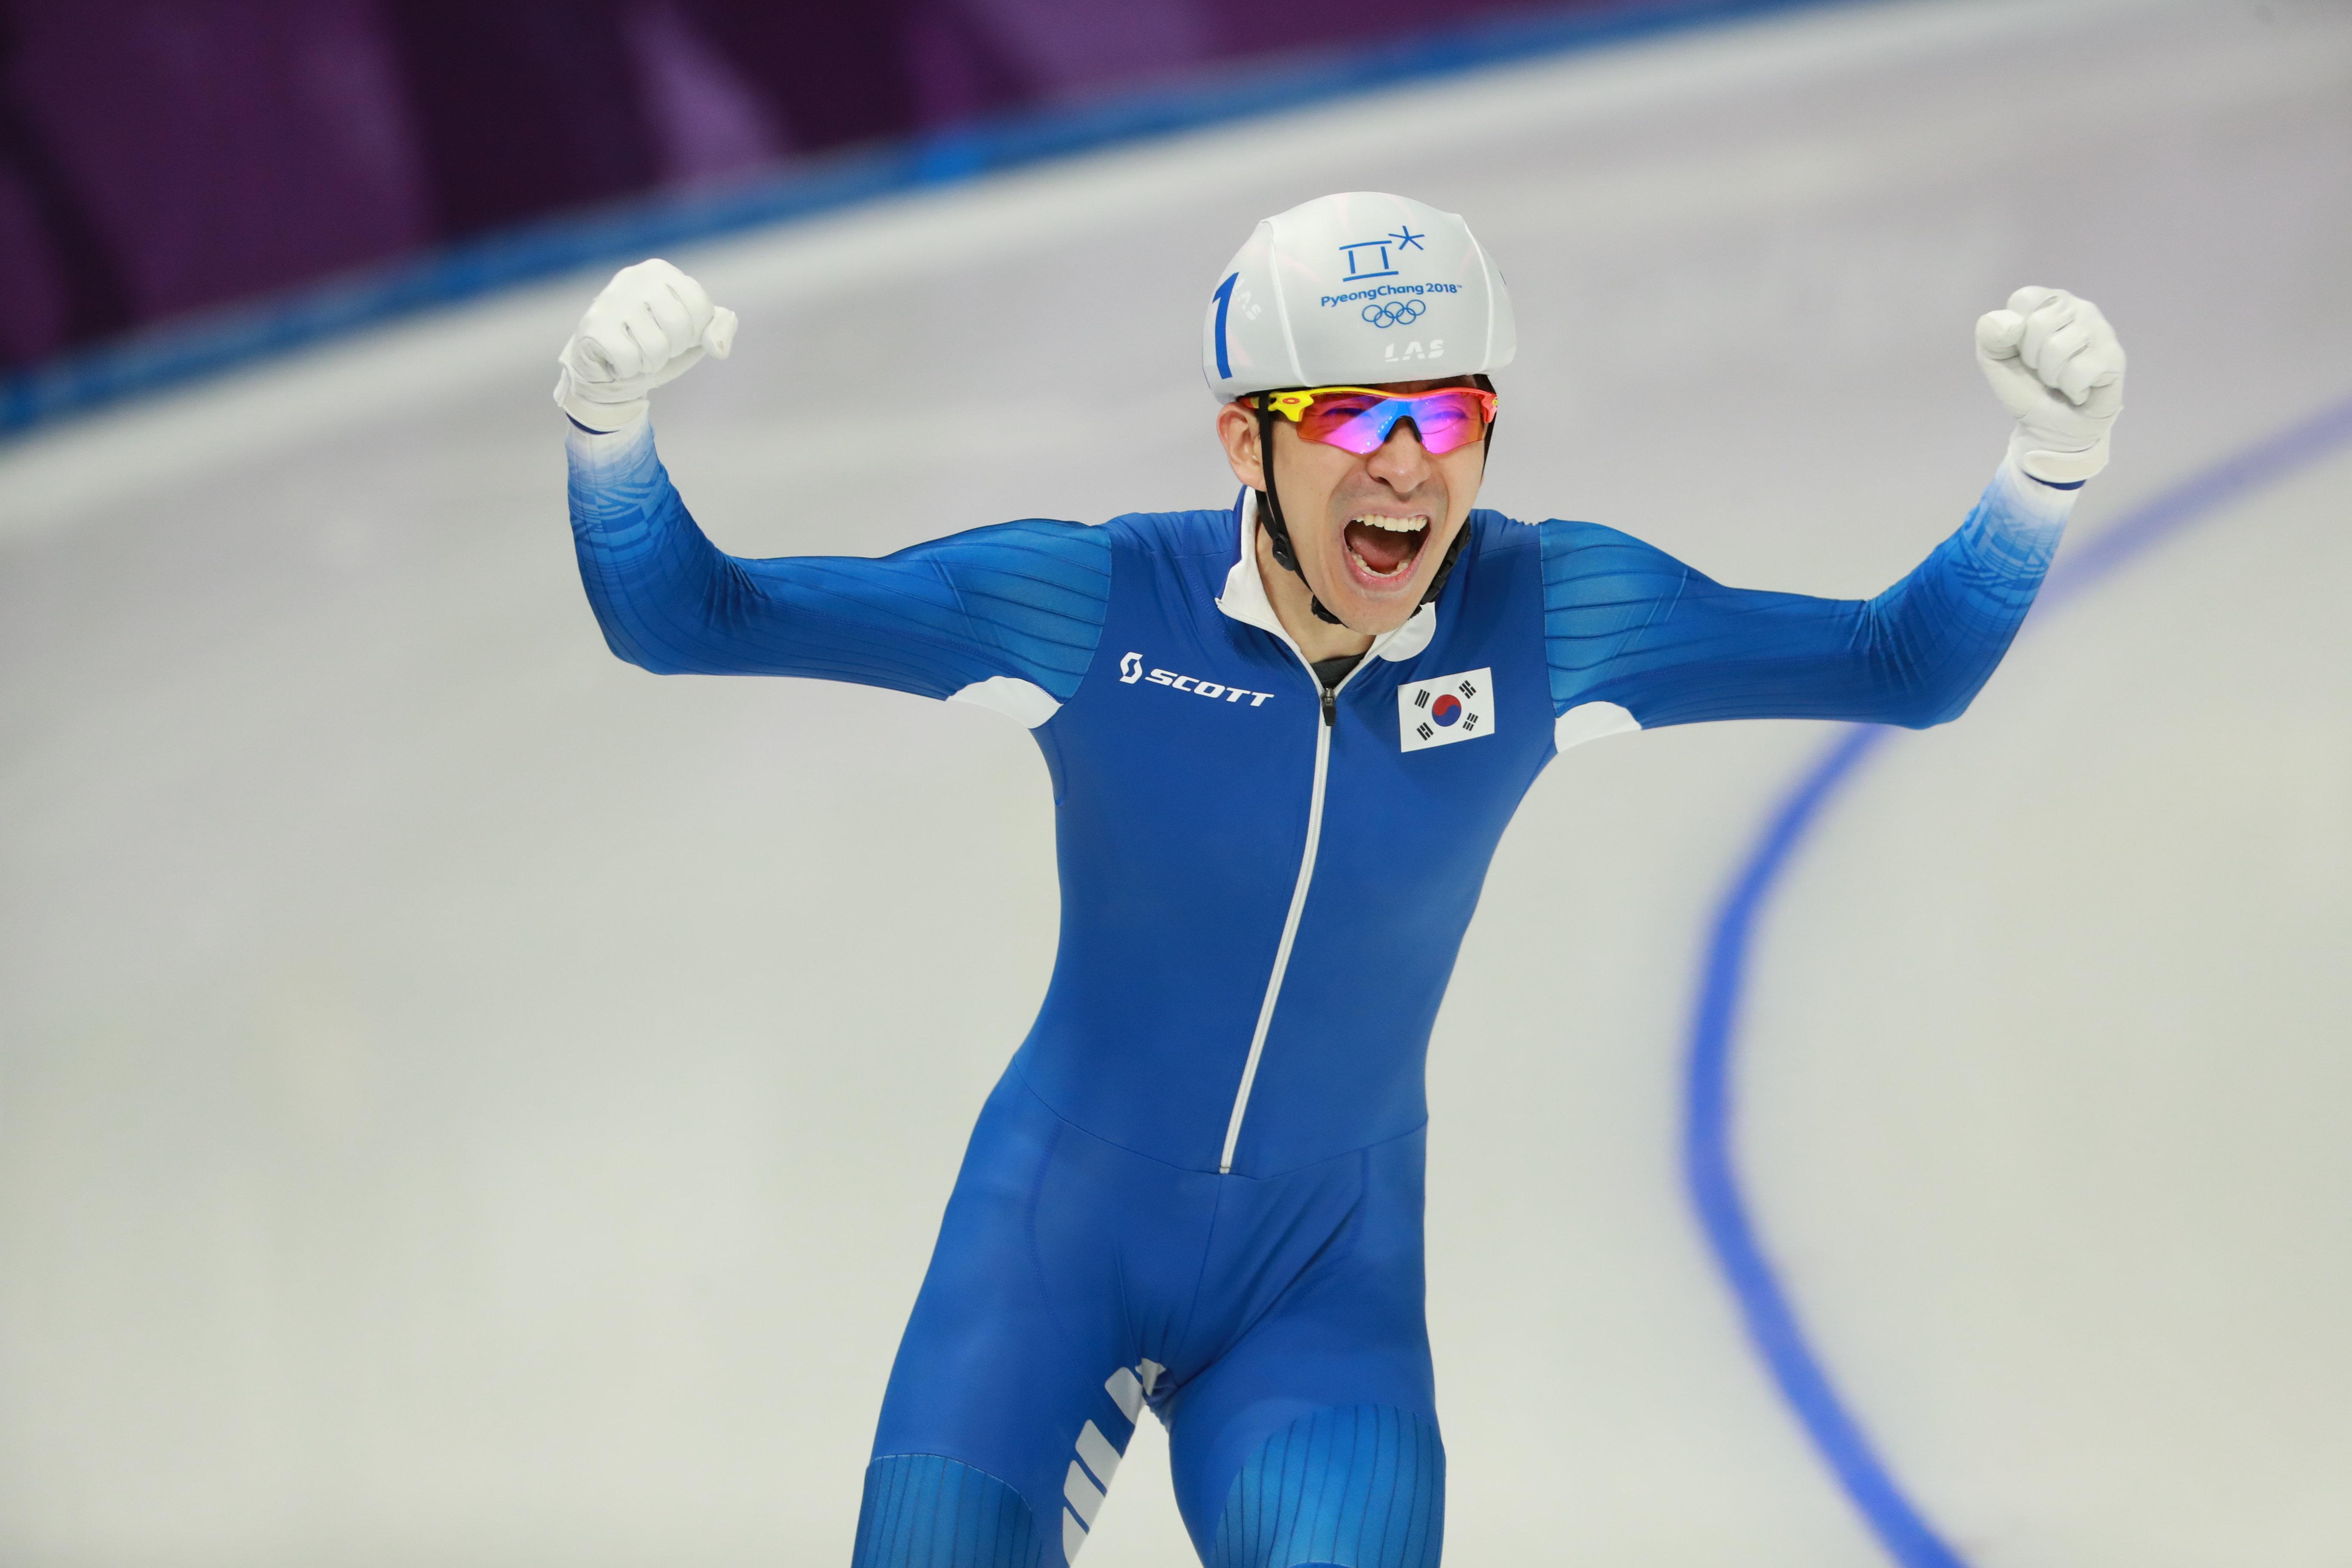 이승훈이 올림픽 매스스타트 초대 챔피언이